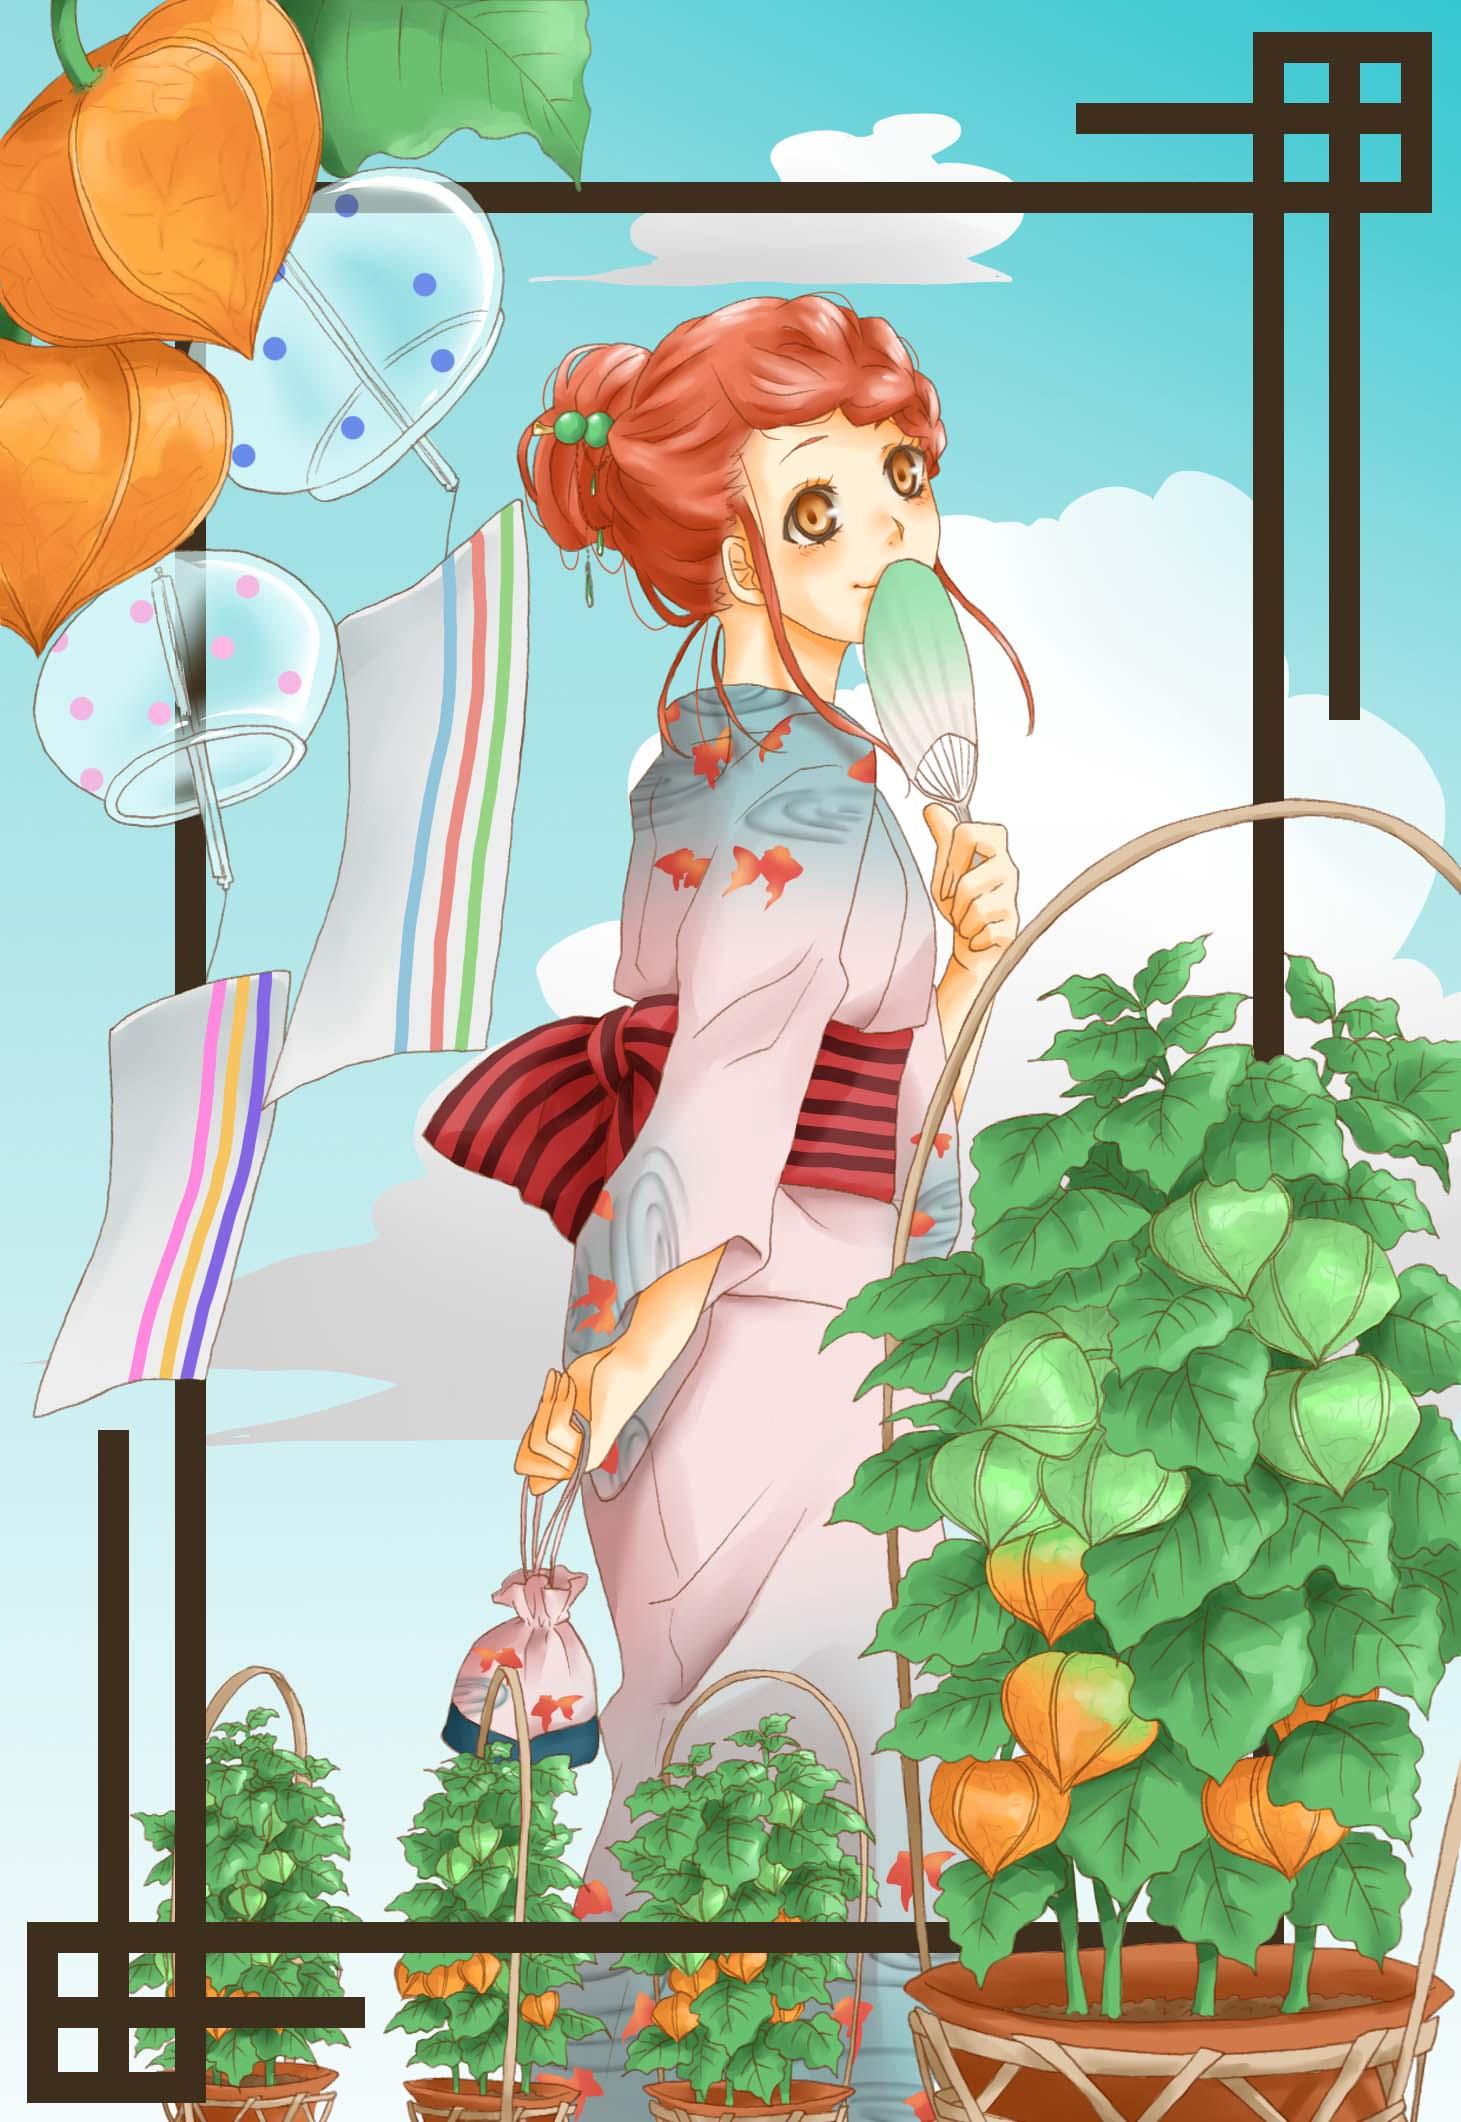 東京アニメーションカレッジ専門学校 声優 アニメ マンガ 今週の携帯壁紙ギャラリー 12 18